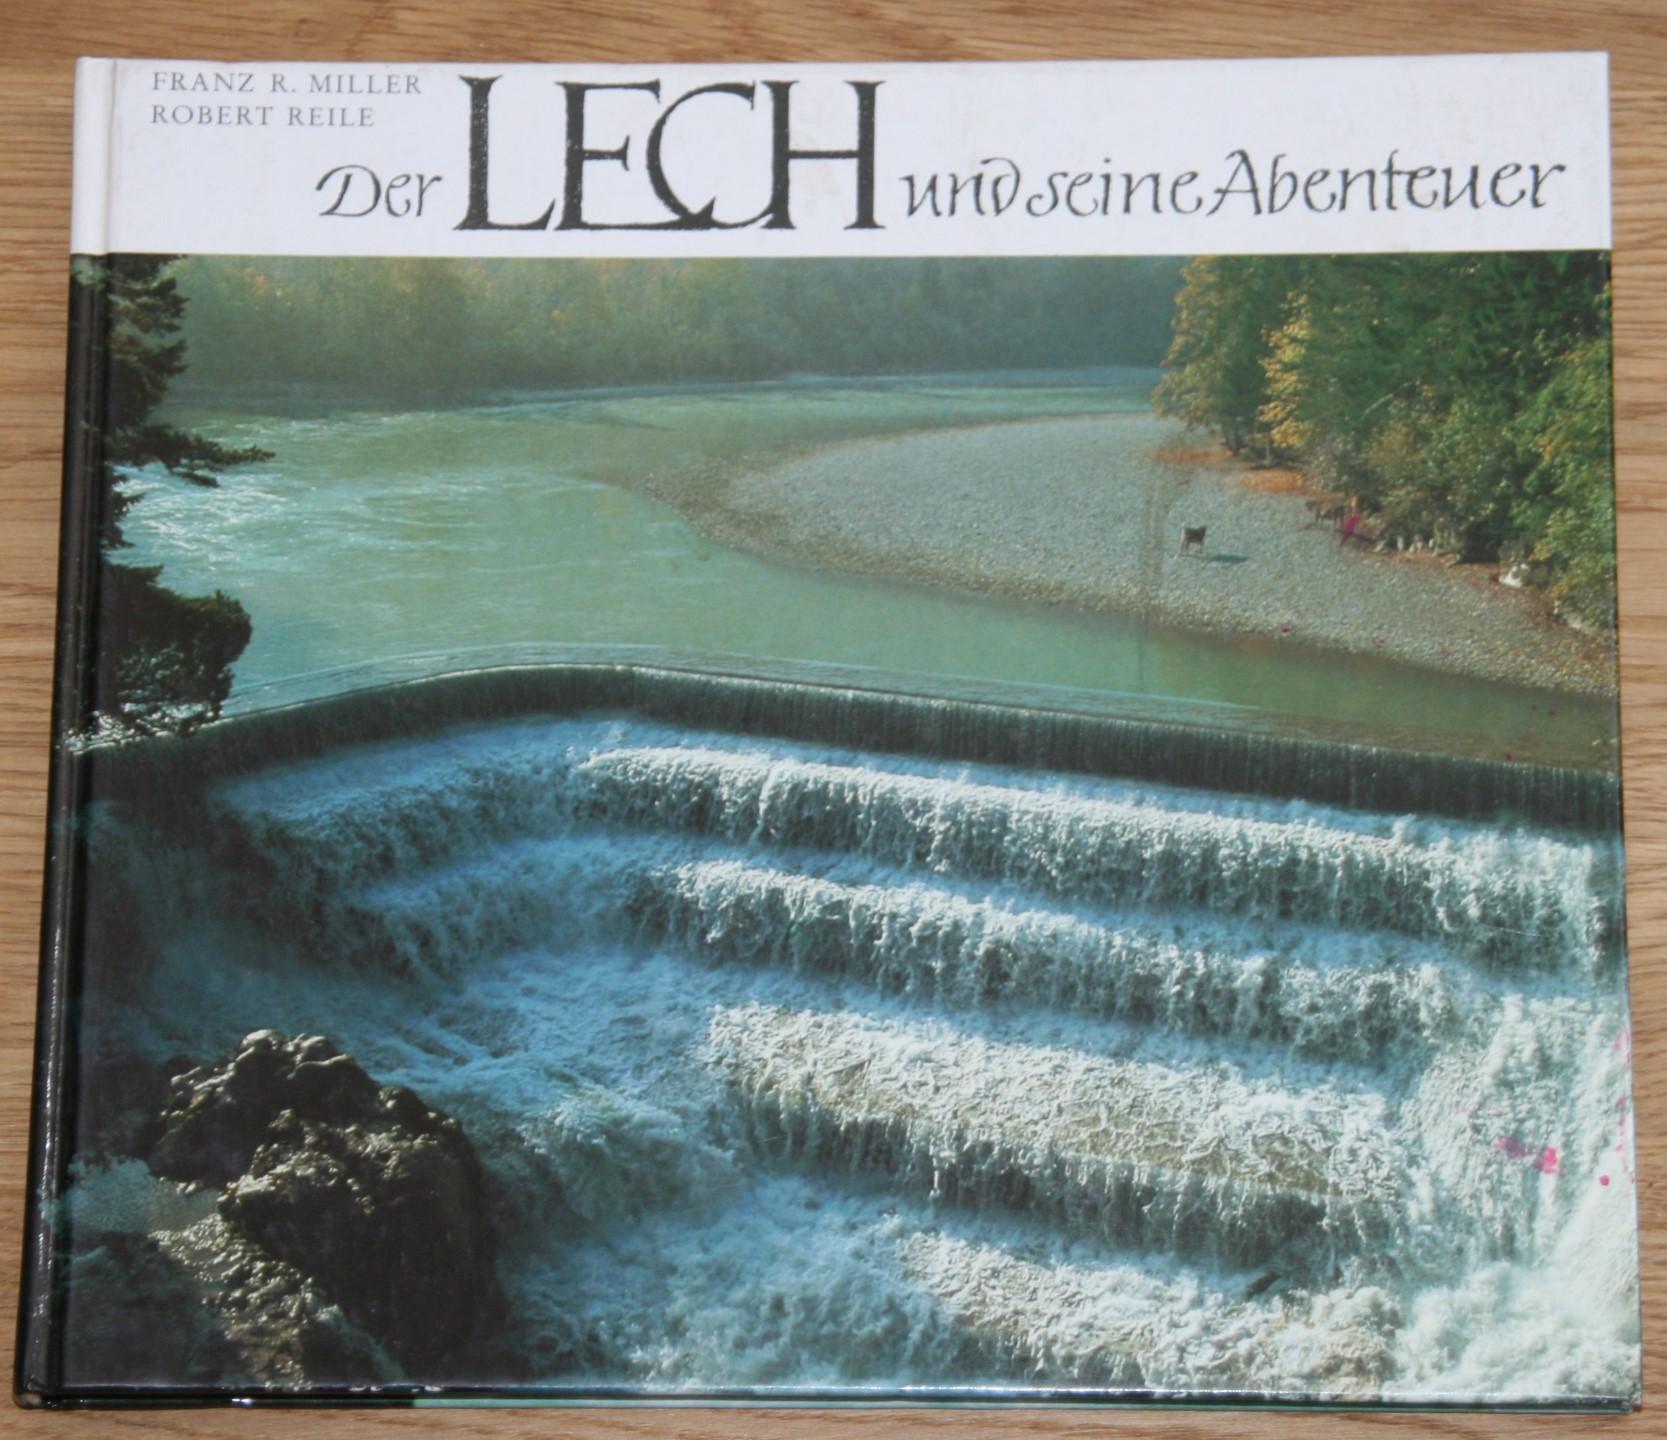 Der Lech und seine Abenteuer in Vorarlberg, Tirol, Allgäu, Schwaben, Bayern.